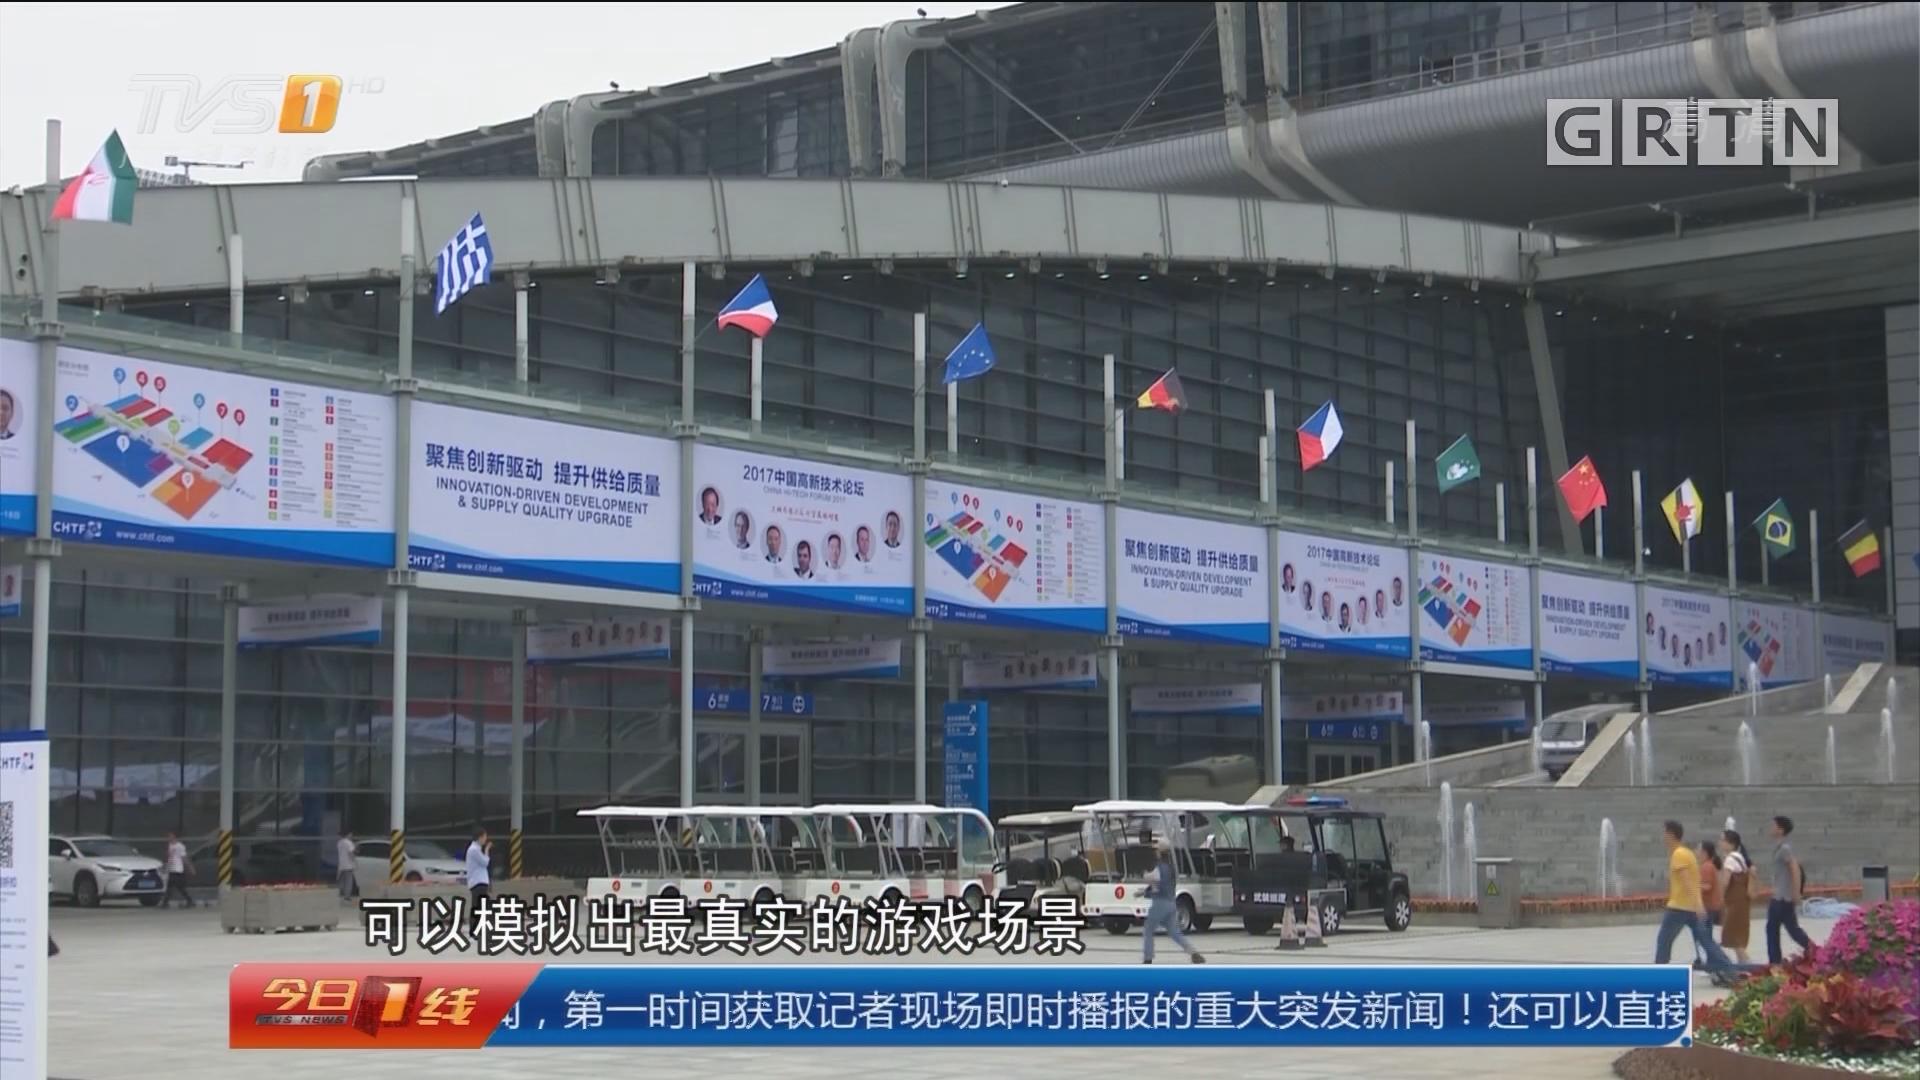 学习宣传贯彻党的十九大精神 深圳:第十九届高交会明天开幕